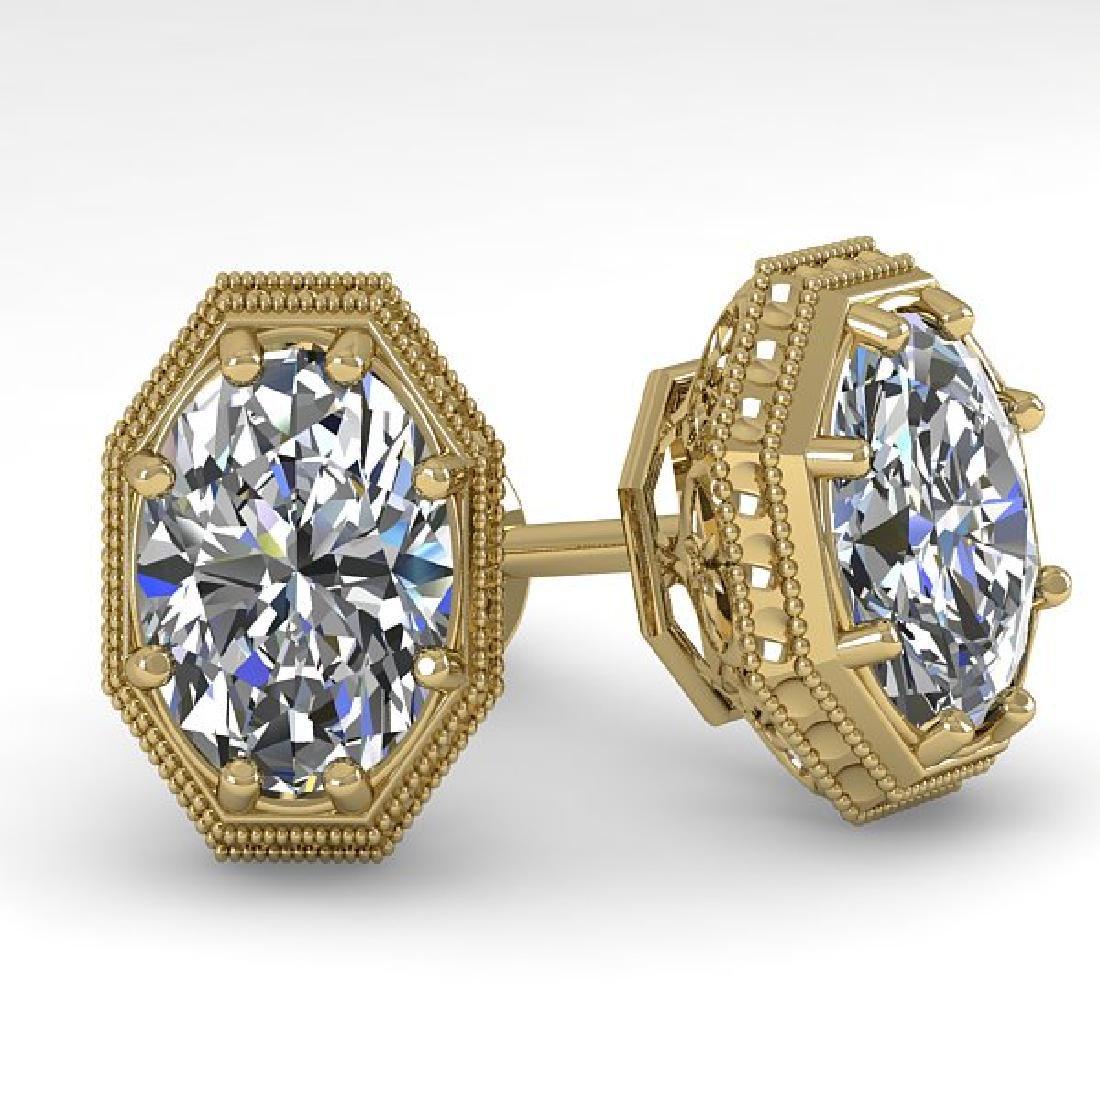 2 CTW VS/SI Oval Cut Diamond Stud Earrings 18K Yellow